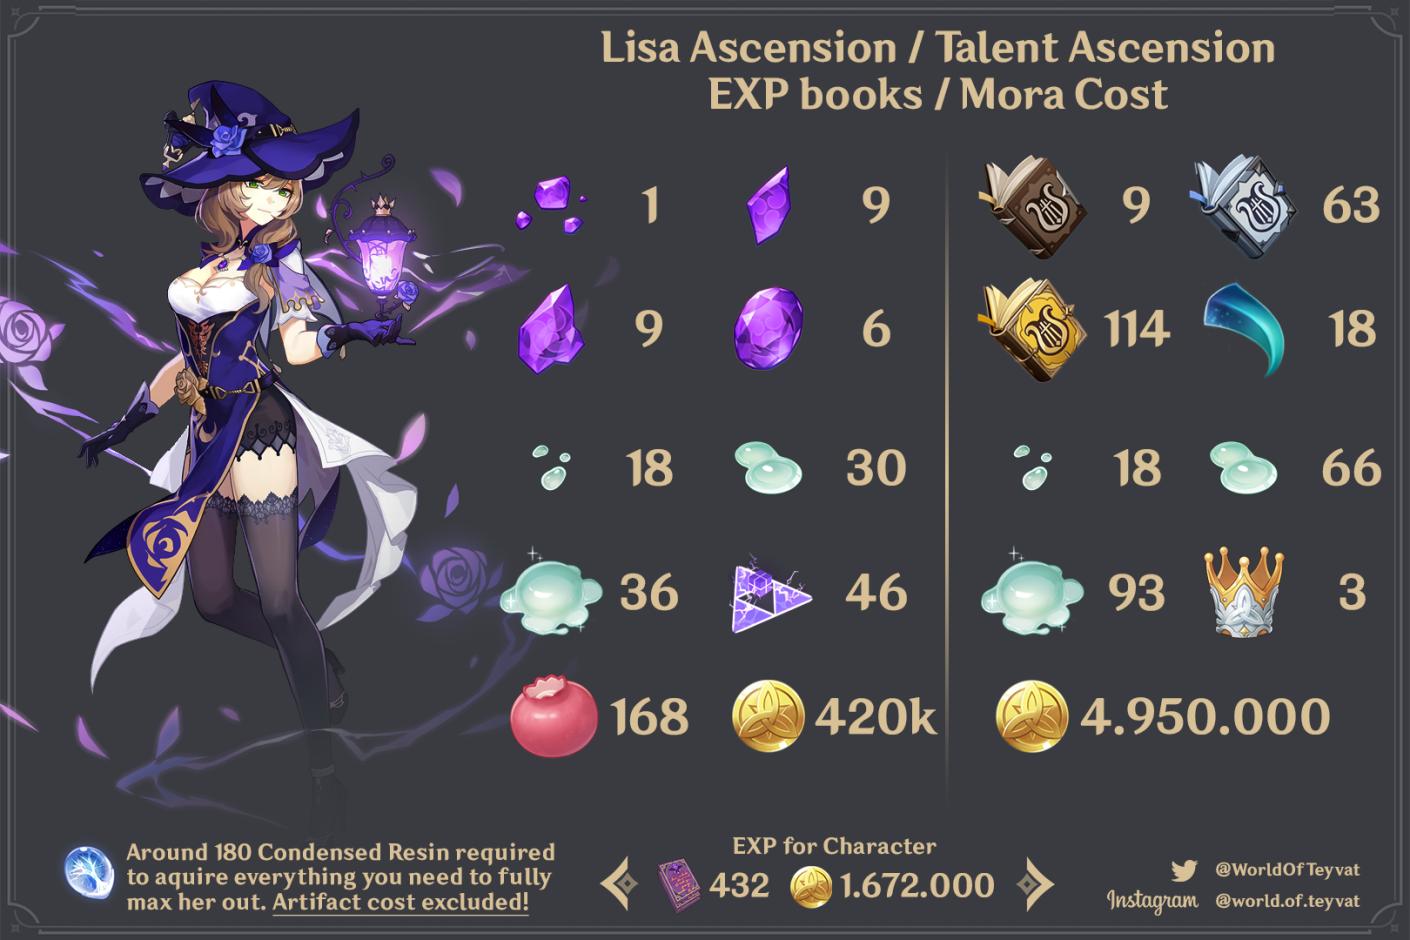 Materiales de Ascensión y Talento de Lisa